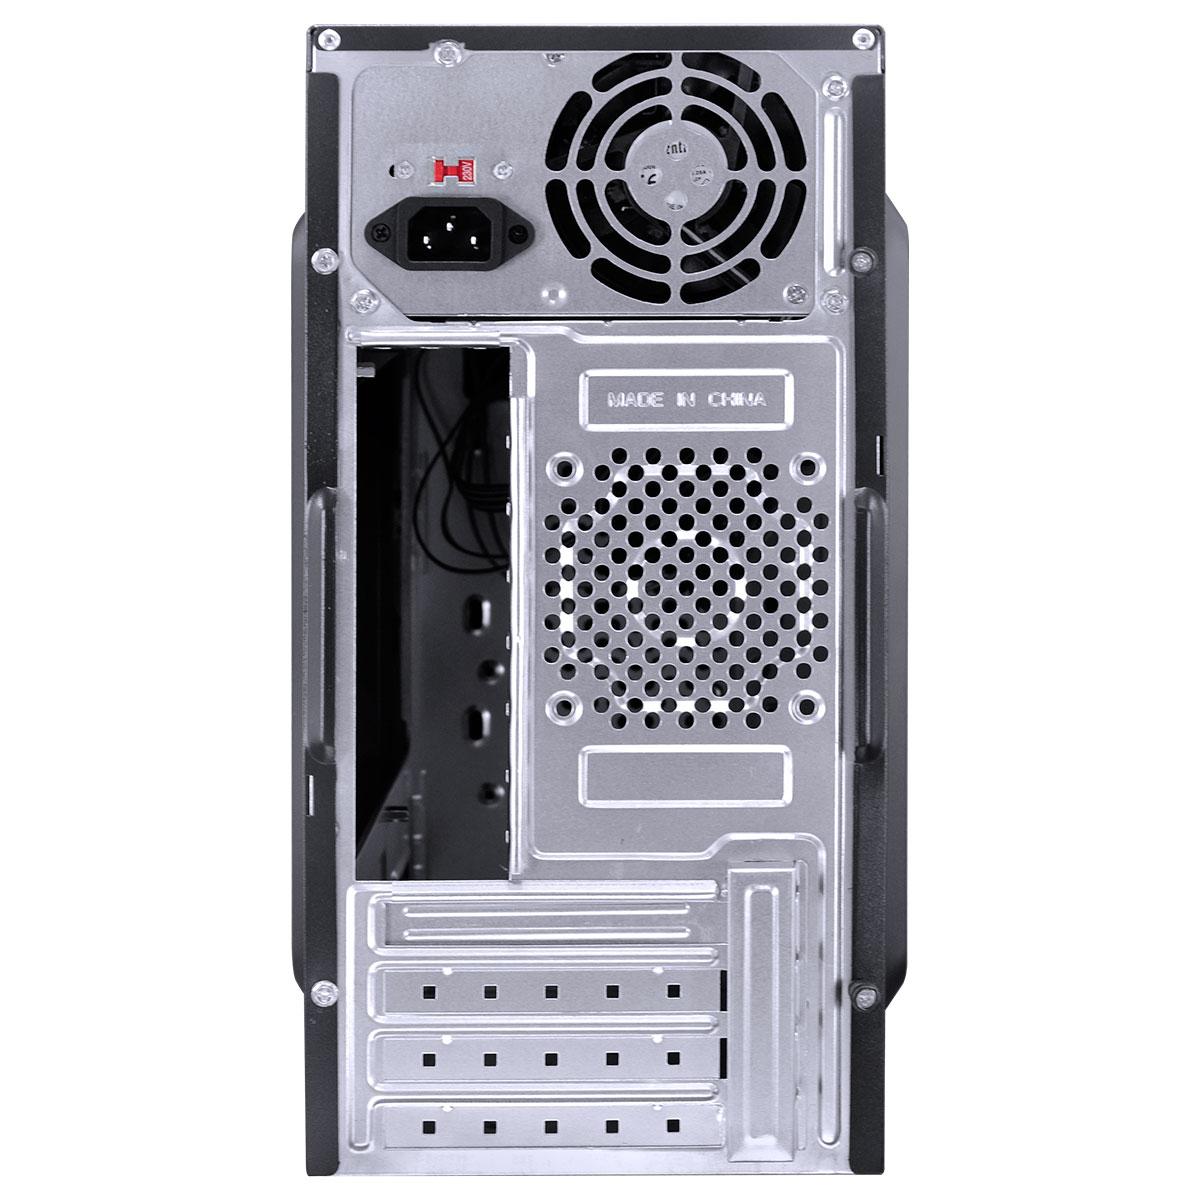 COMPUTADOR BUSINESS B300 - I3 7100 3.9GHZ MEM 4GB DDR4 HD 500GB HDMI/VGA FONTE 200W